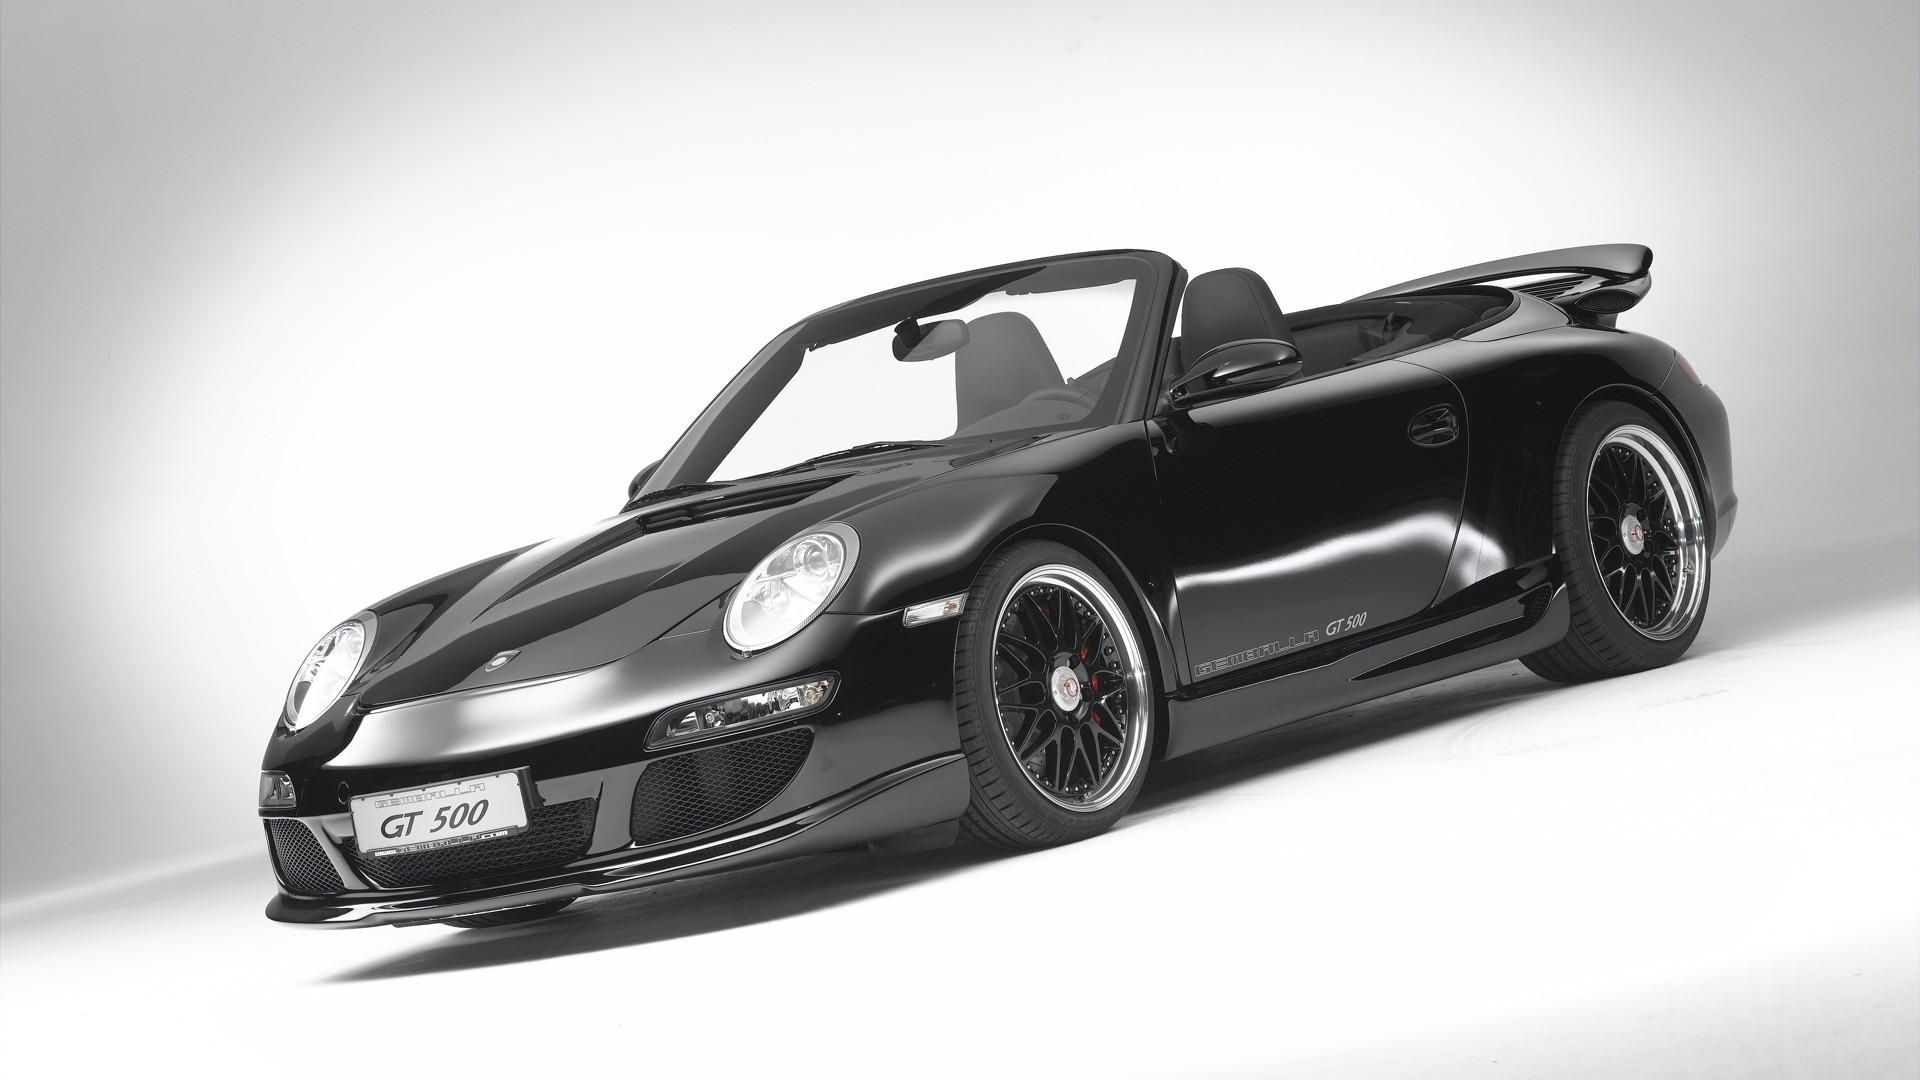 Porsche Gemballa Gt 500